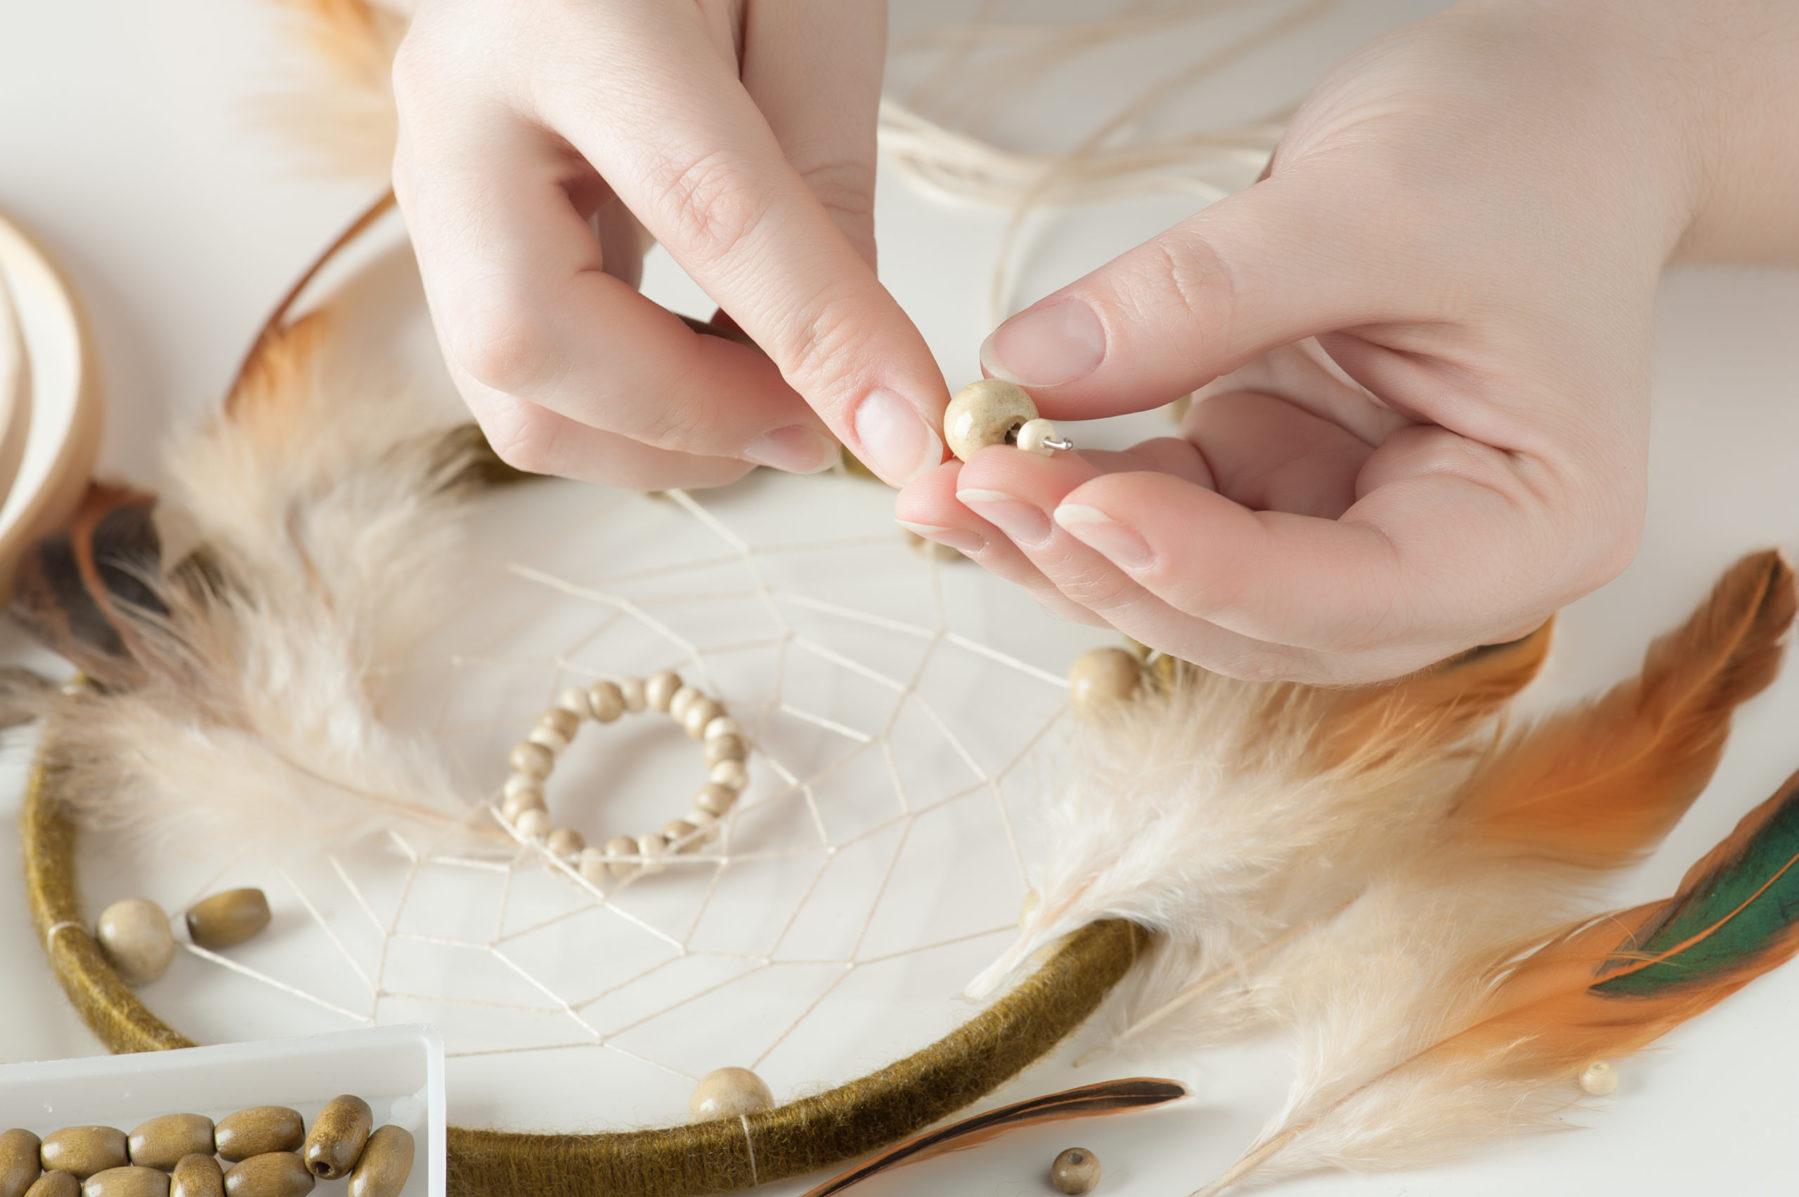 Gros plan des mains féminines avec des perles en bois, ayant assemblé le capteur de rêves. Composition d'atelier artisanale de plumes, perles, fils, outils pour le bricolage